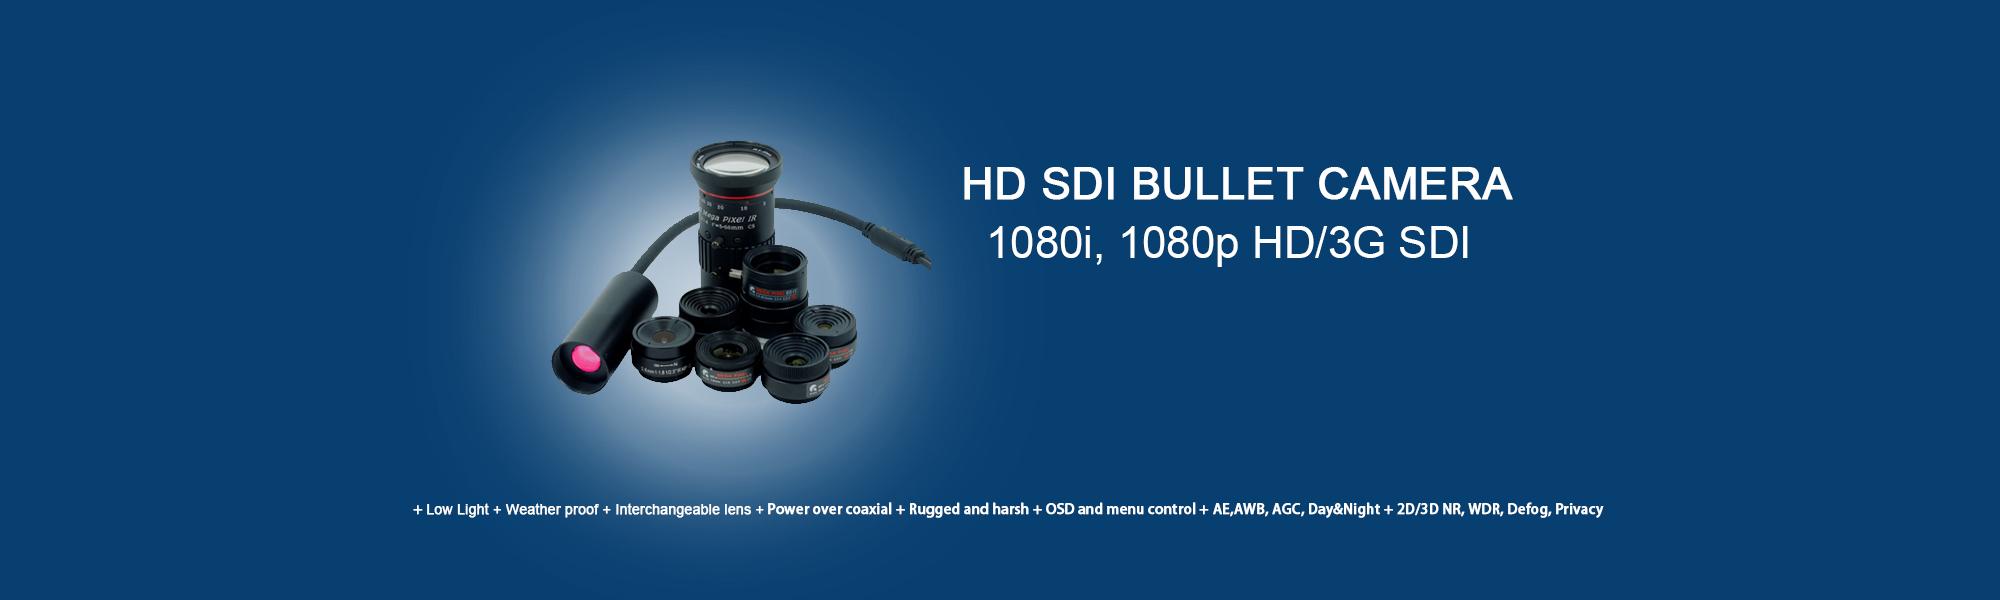 HD SDI Bullet Camera